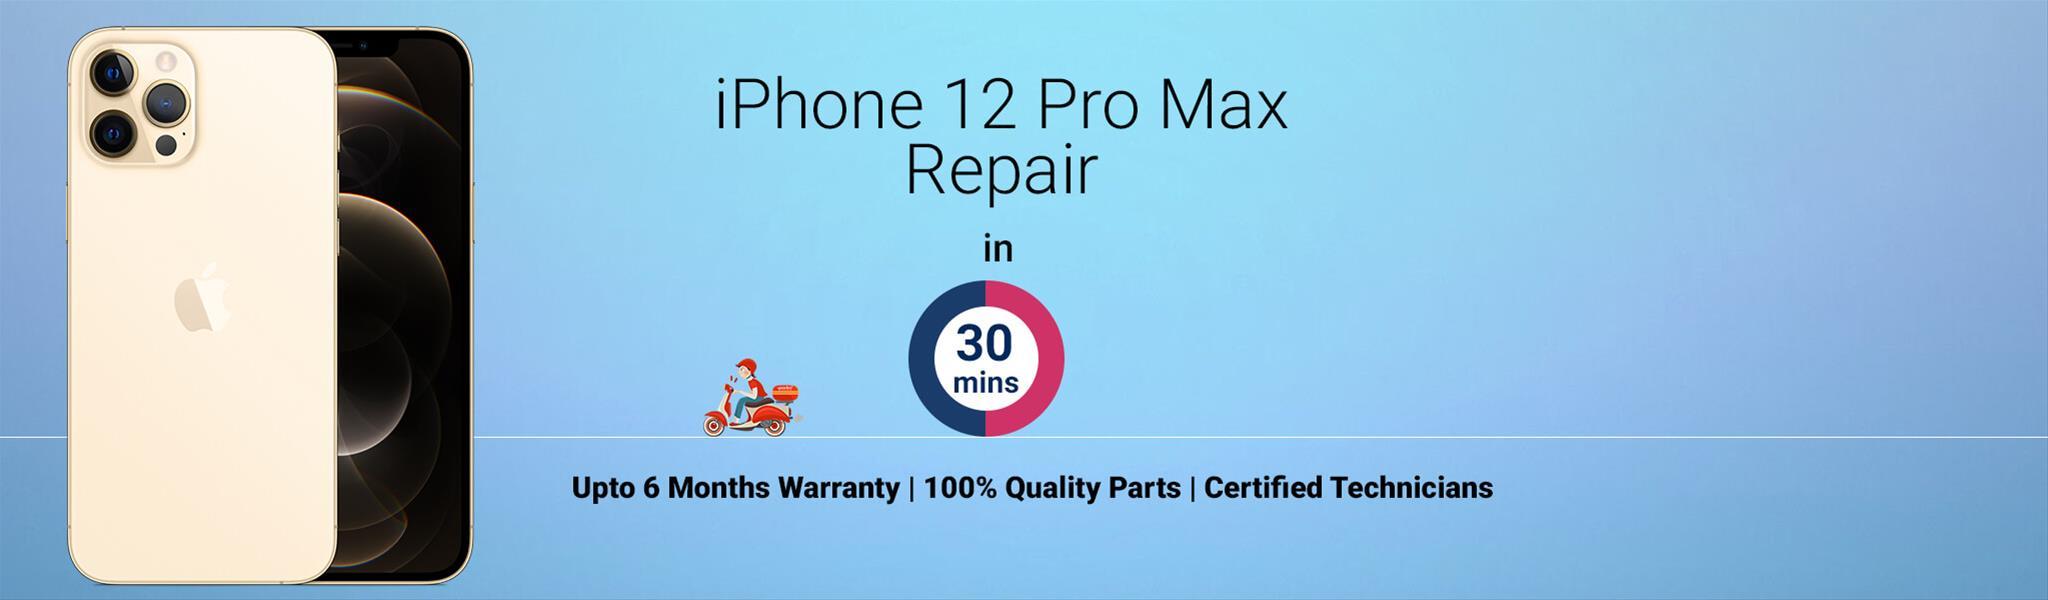 iPhone-12-pro-max-repair.jpg